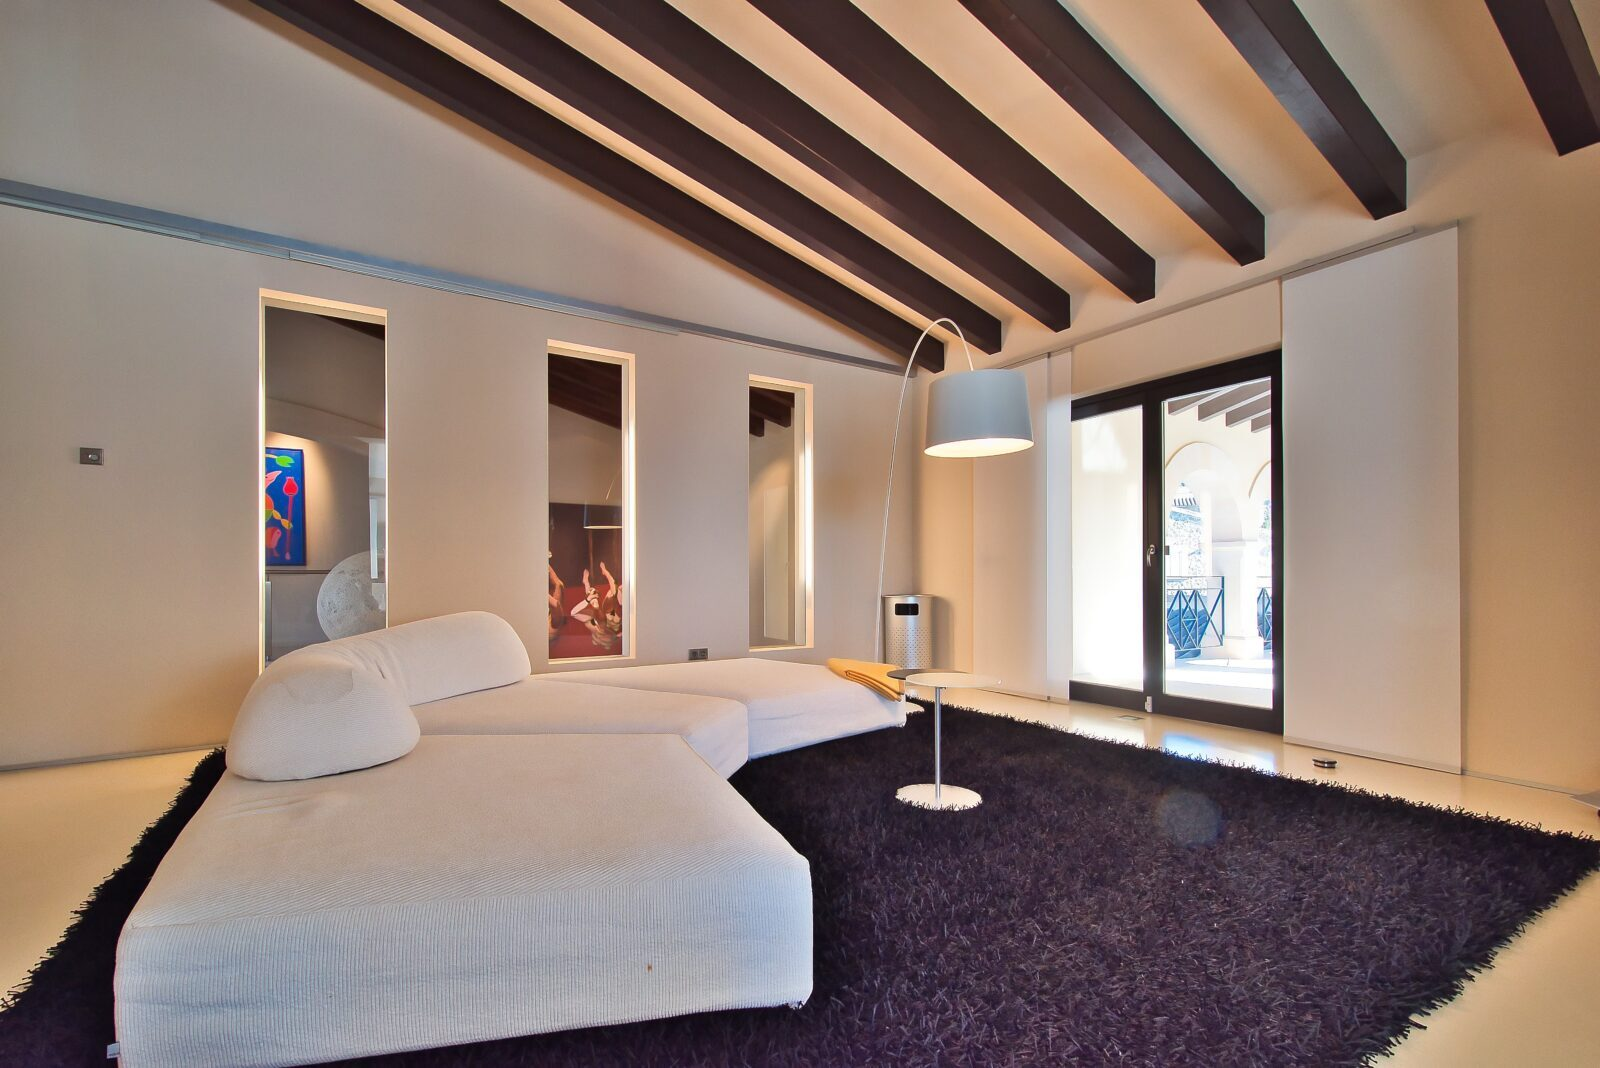 Walter Hopp Real Estate - Villa Valldemossa